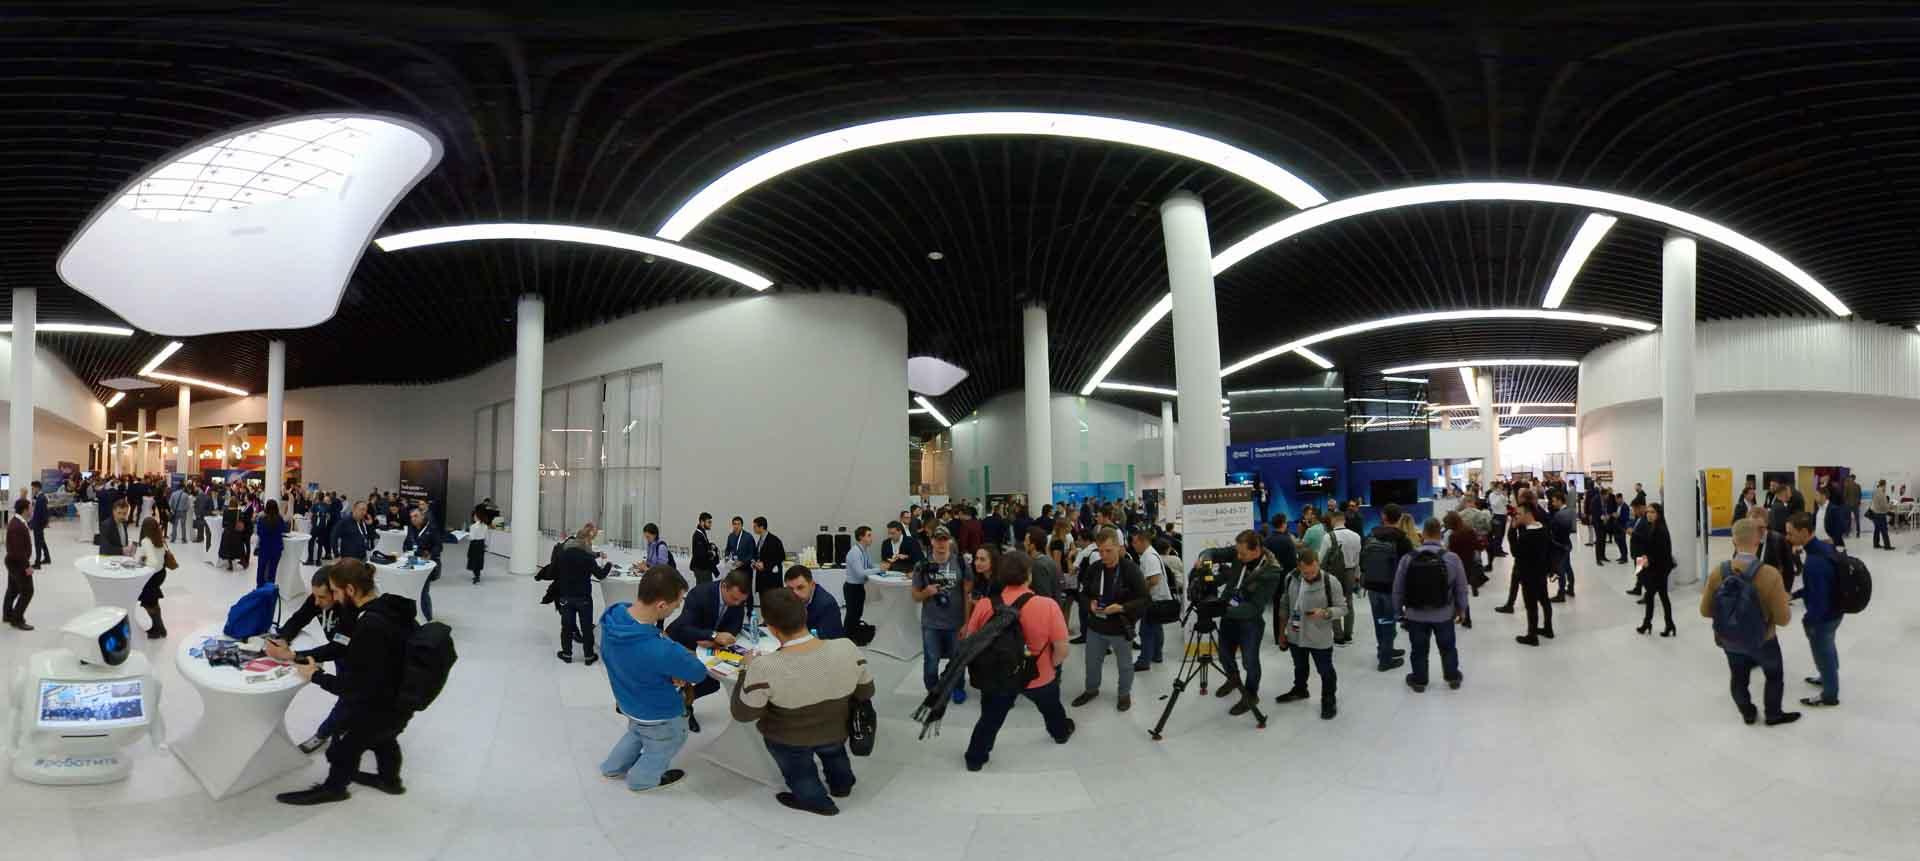 virtual tour 360 foto panoramiche congresso meeting evento